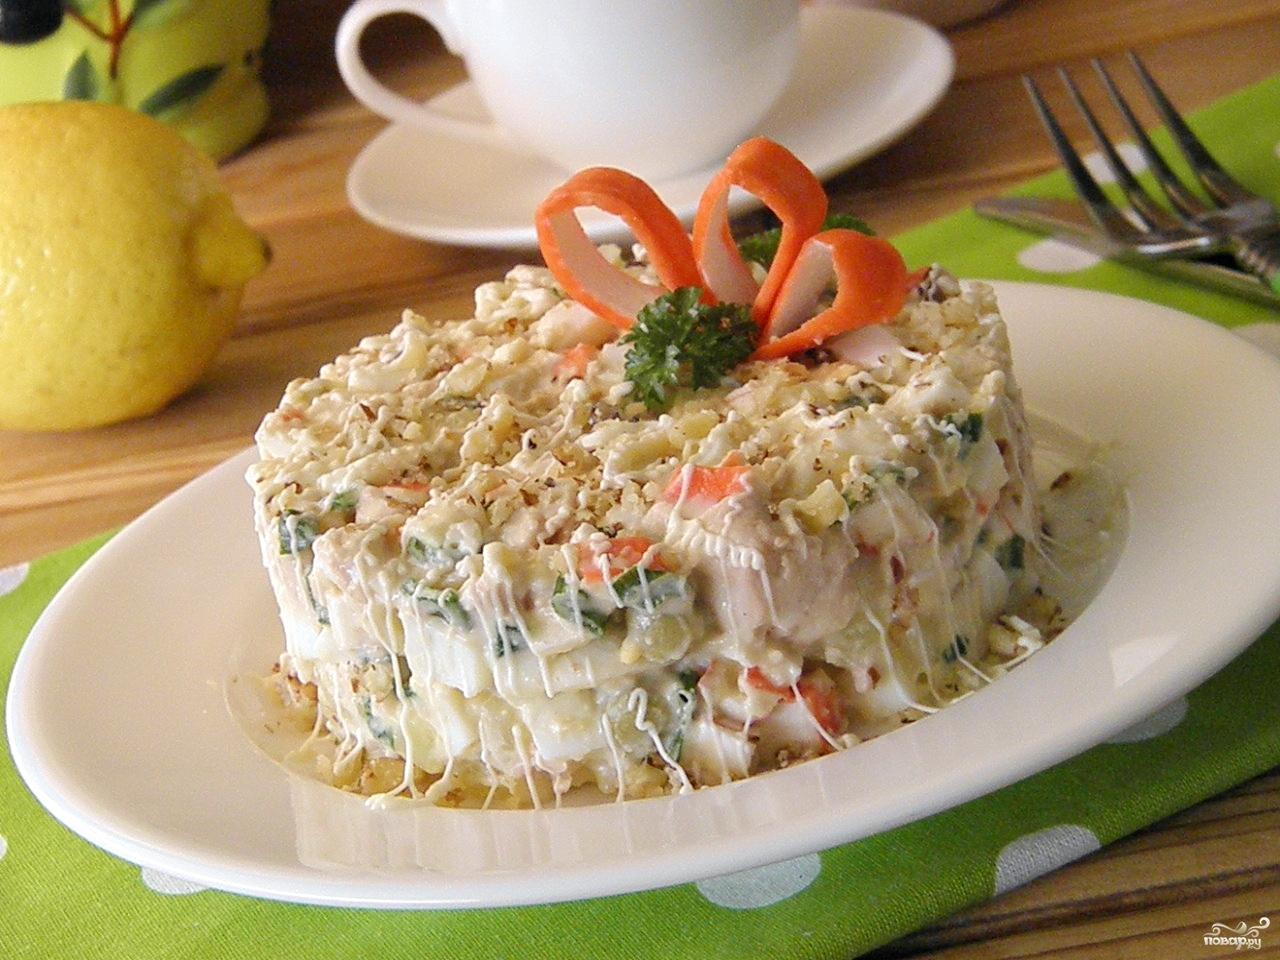 кнопкой мышки рецепты салатов из печени трески с фотографиями скажу том, что